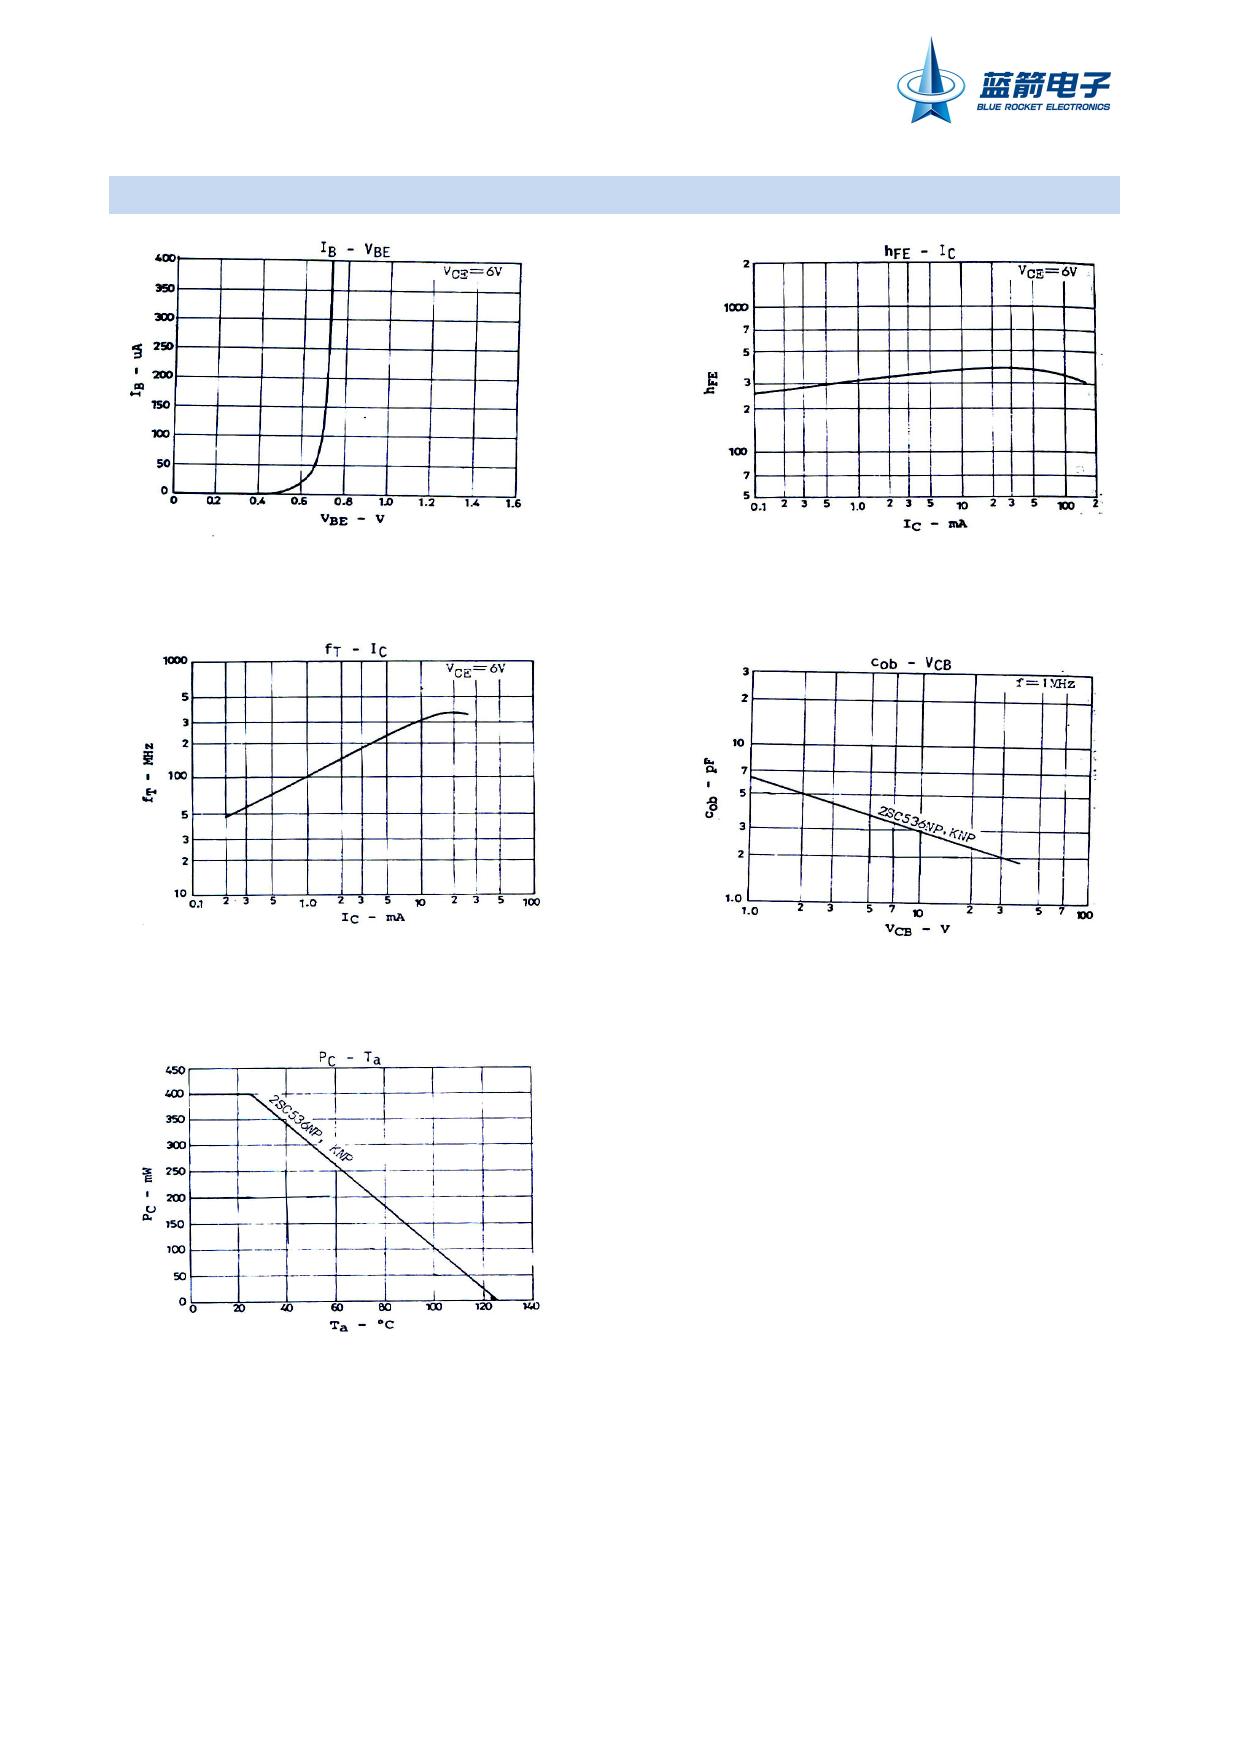 2SC536 pdf, ピン配列